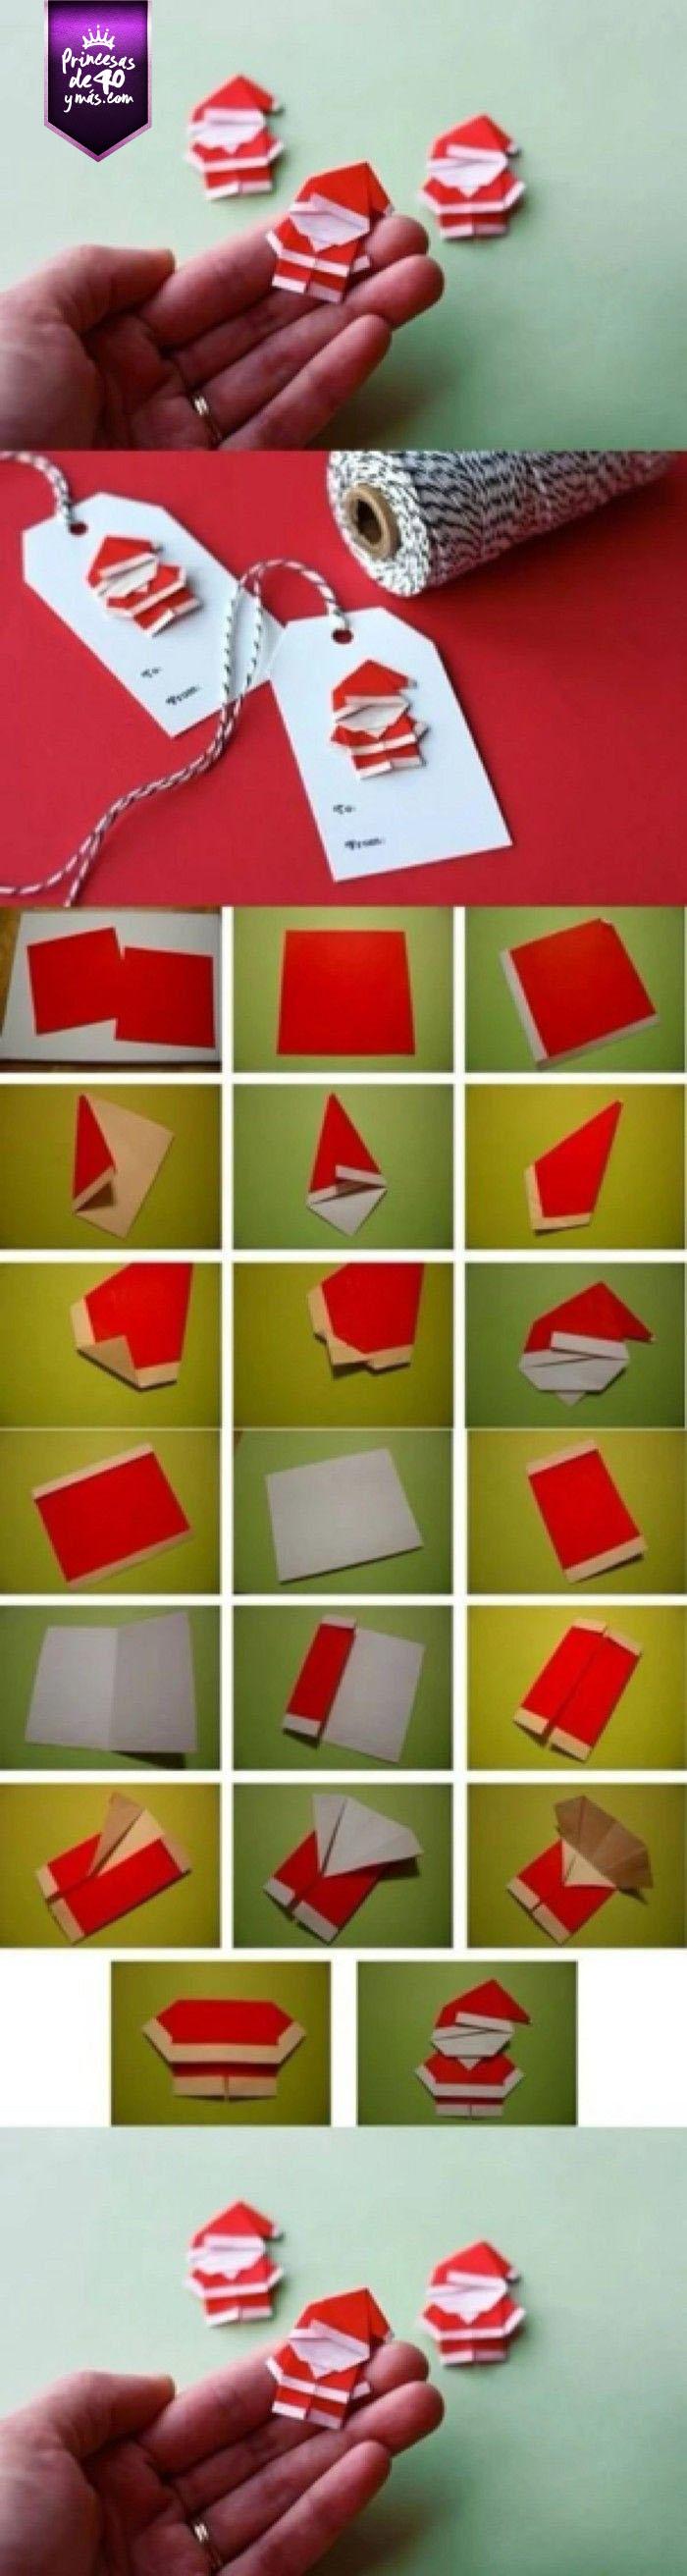 ¿Qué tal esta idea para crear tarjetas navideñas? #santa #Xmas #navidad #DIY #PrincesasDe40